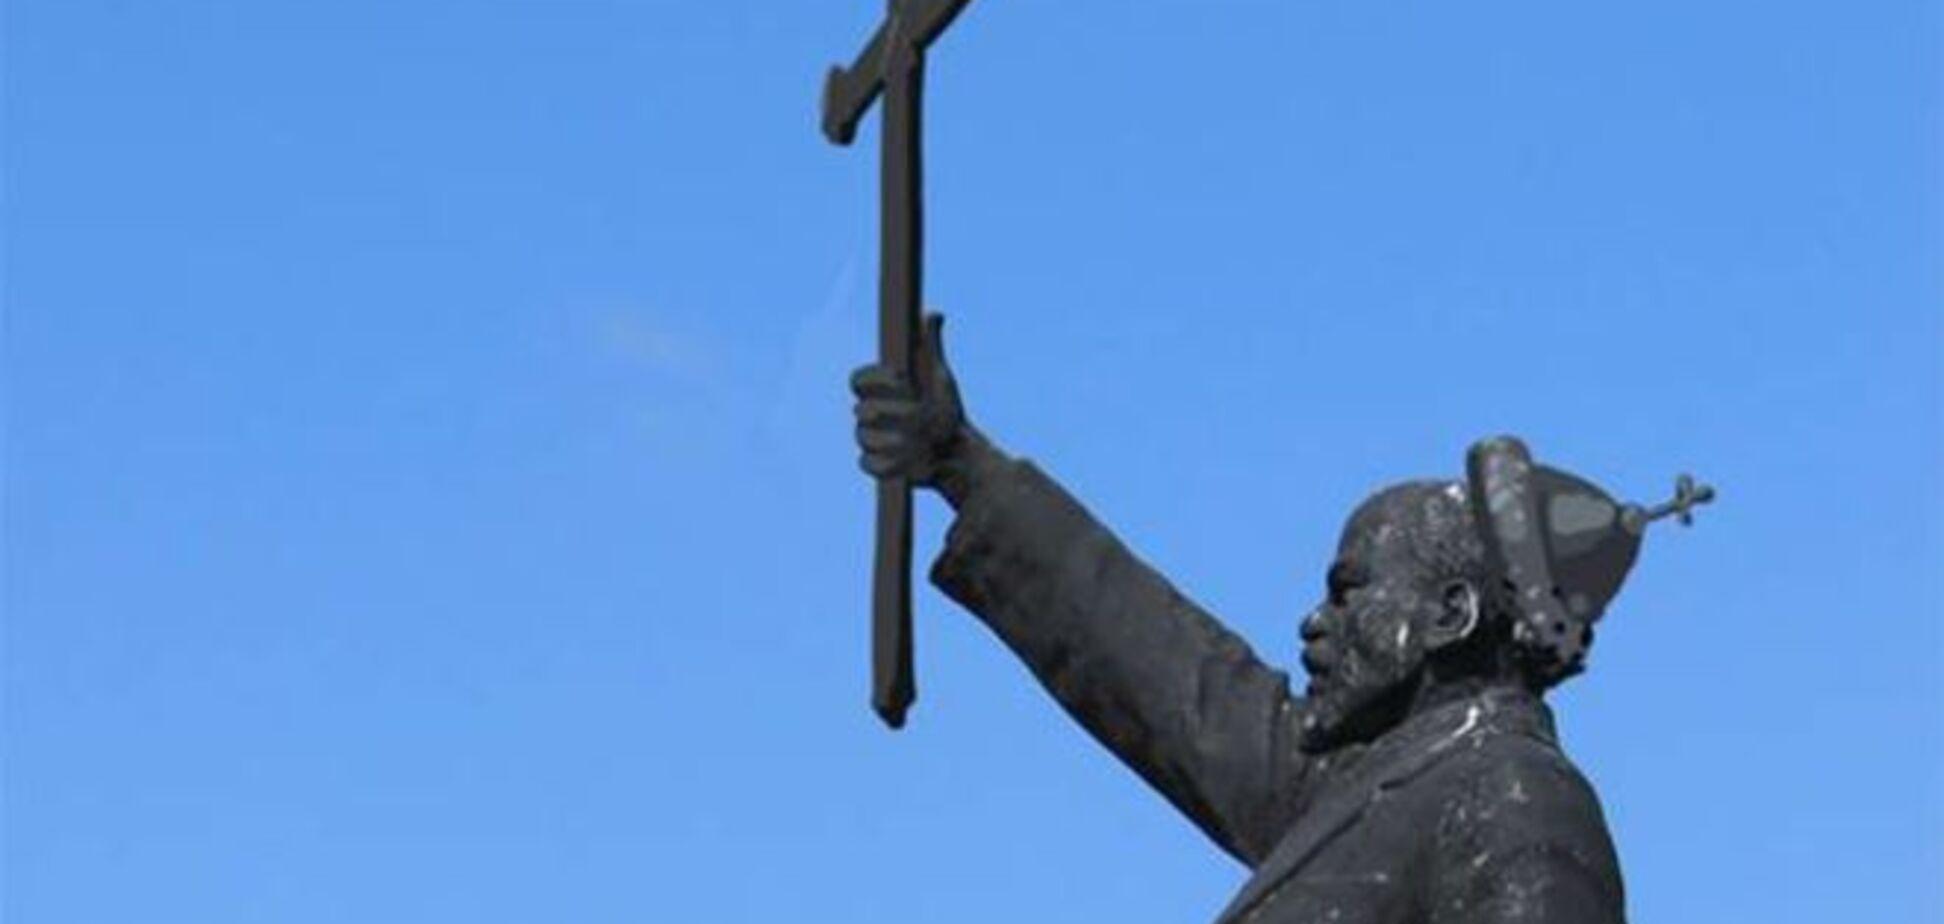 Владимир Ильич меняет профессию. В сети придумали, как без насилия преобразить Ленина: фото памятников